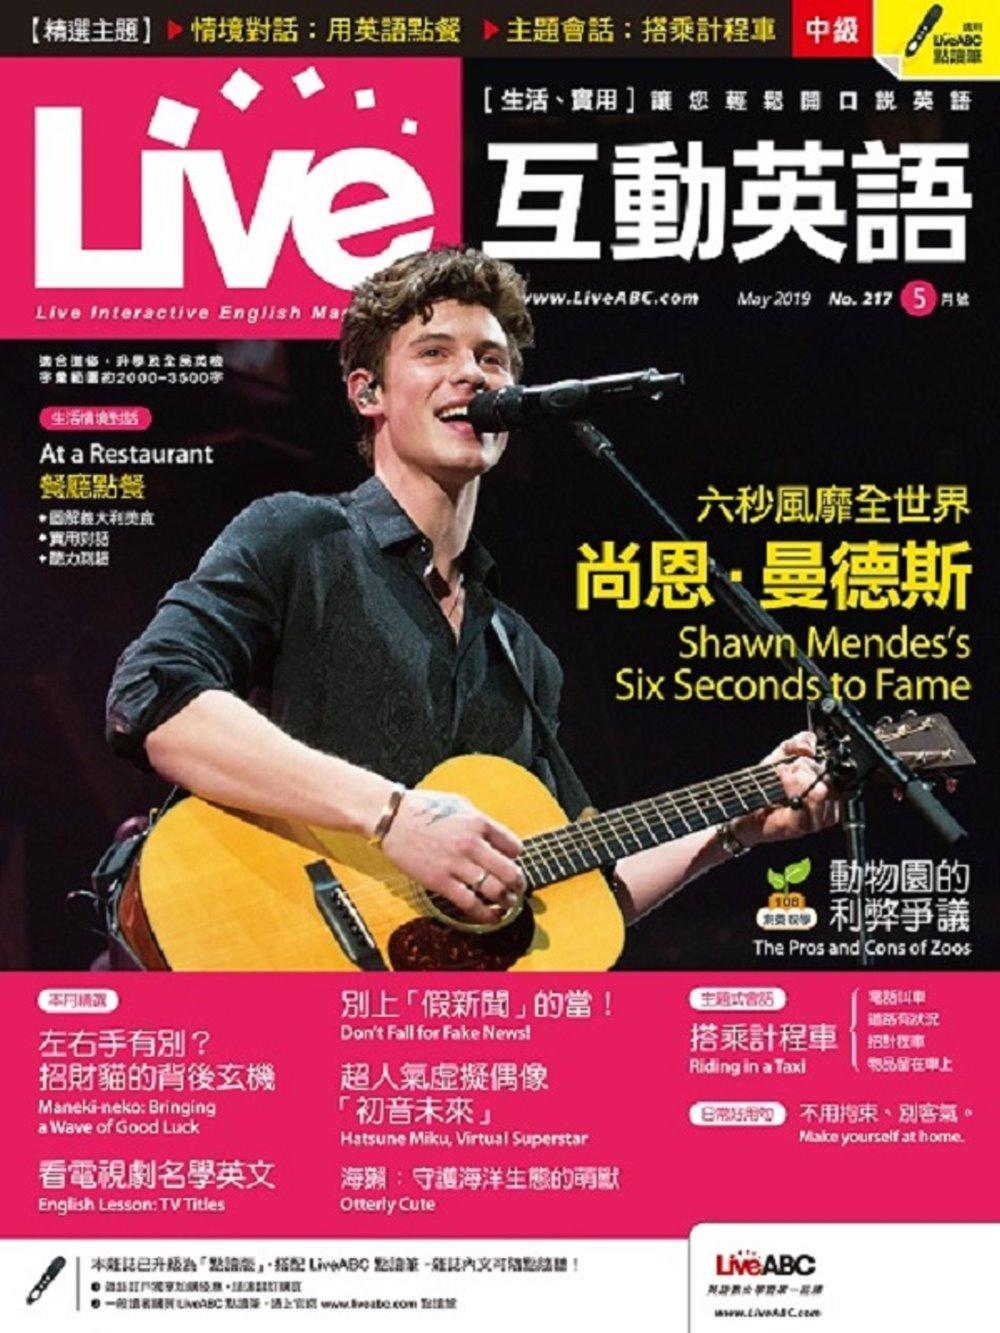 Live互動英語(雜誌版)一年12期